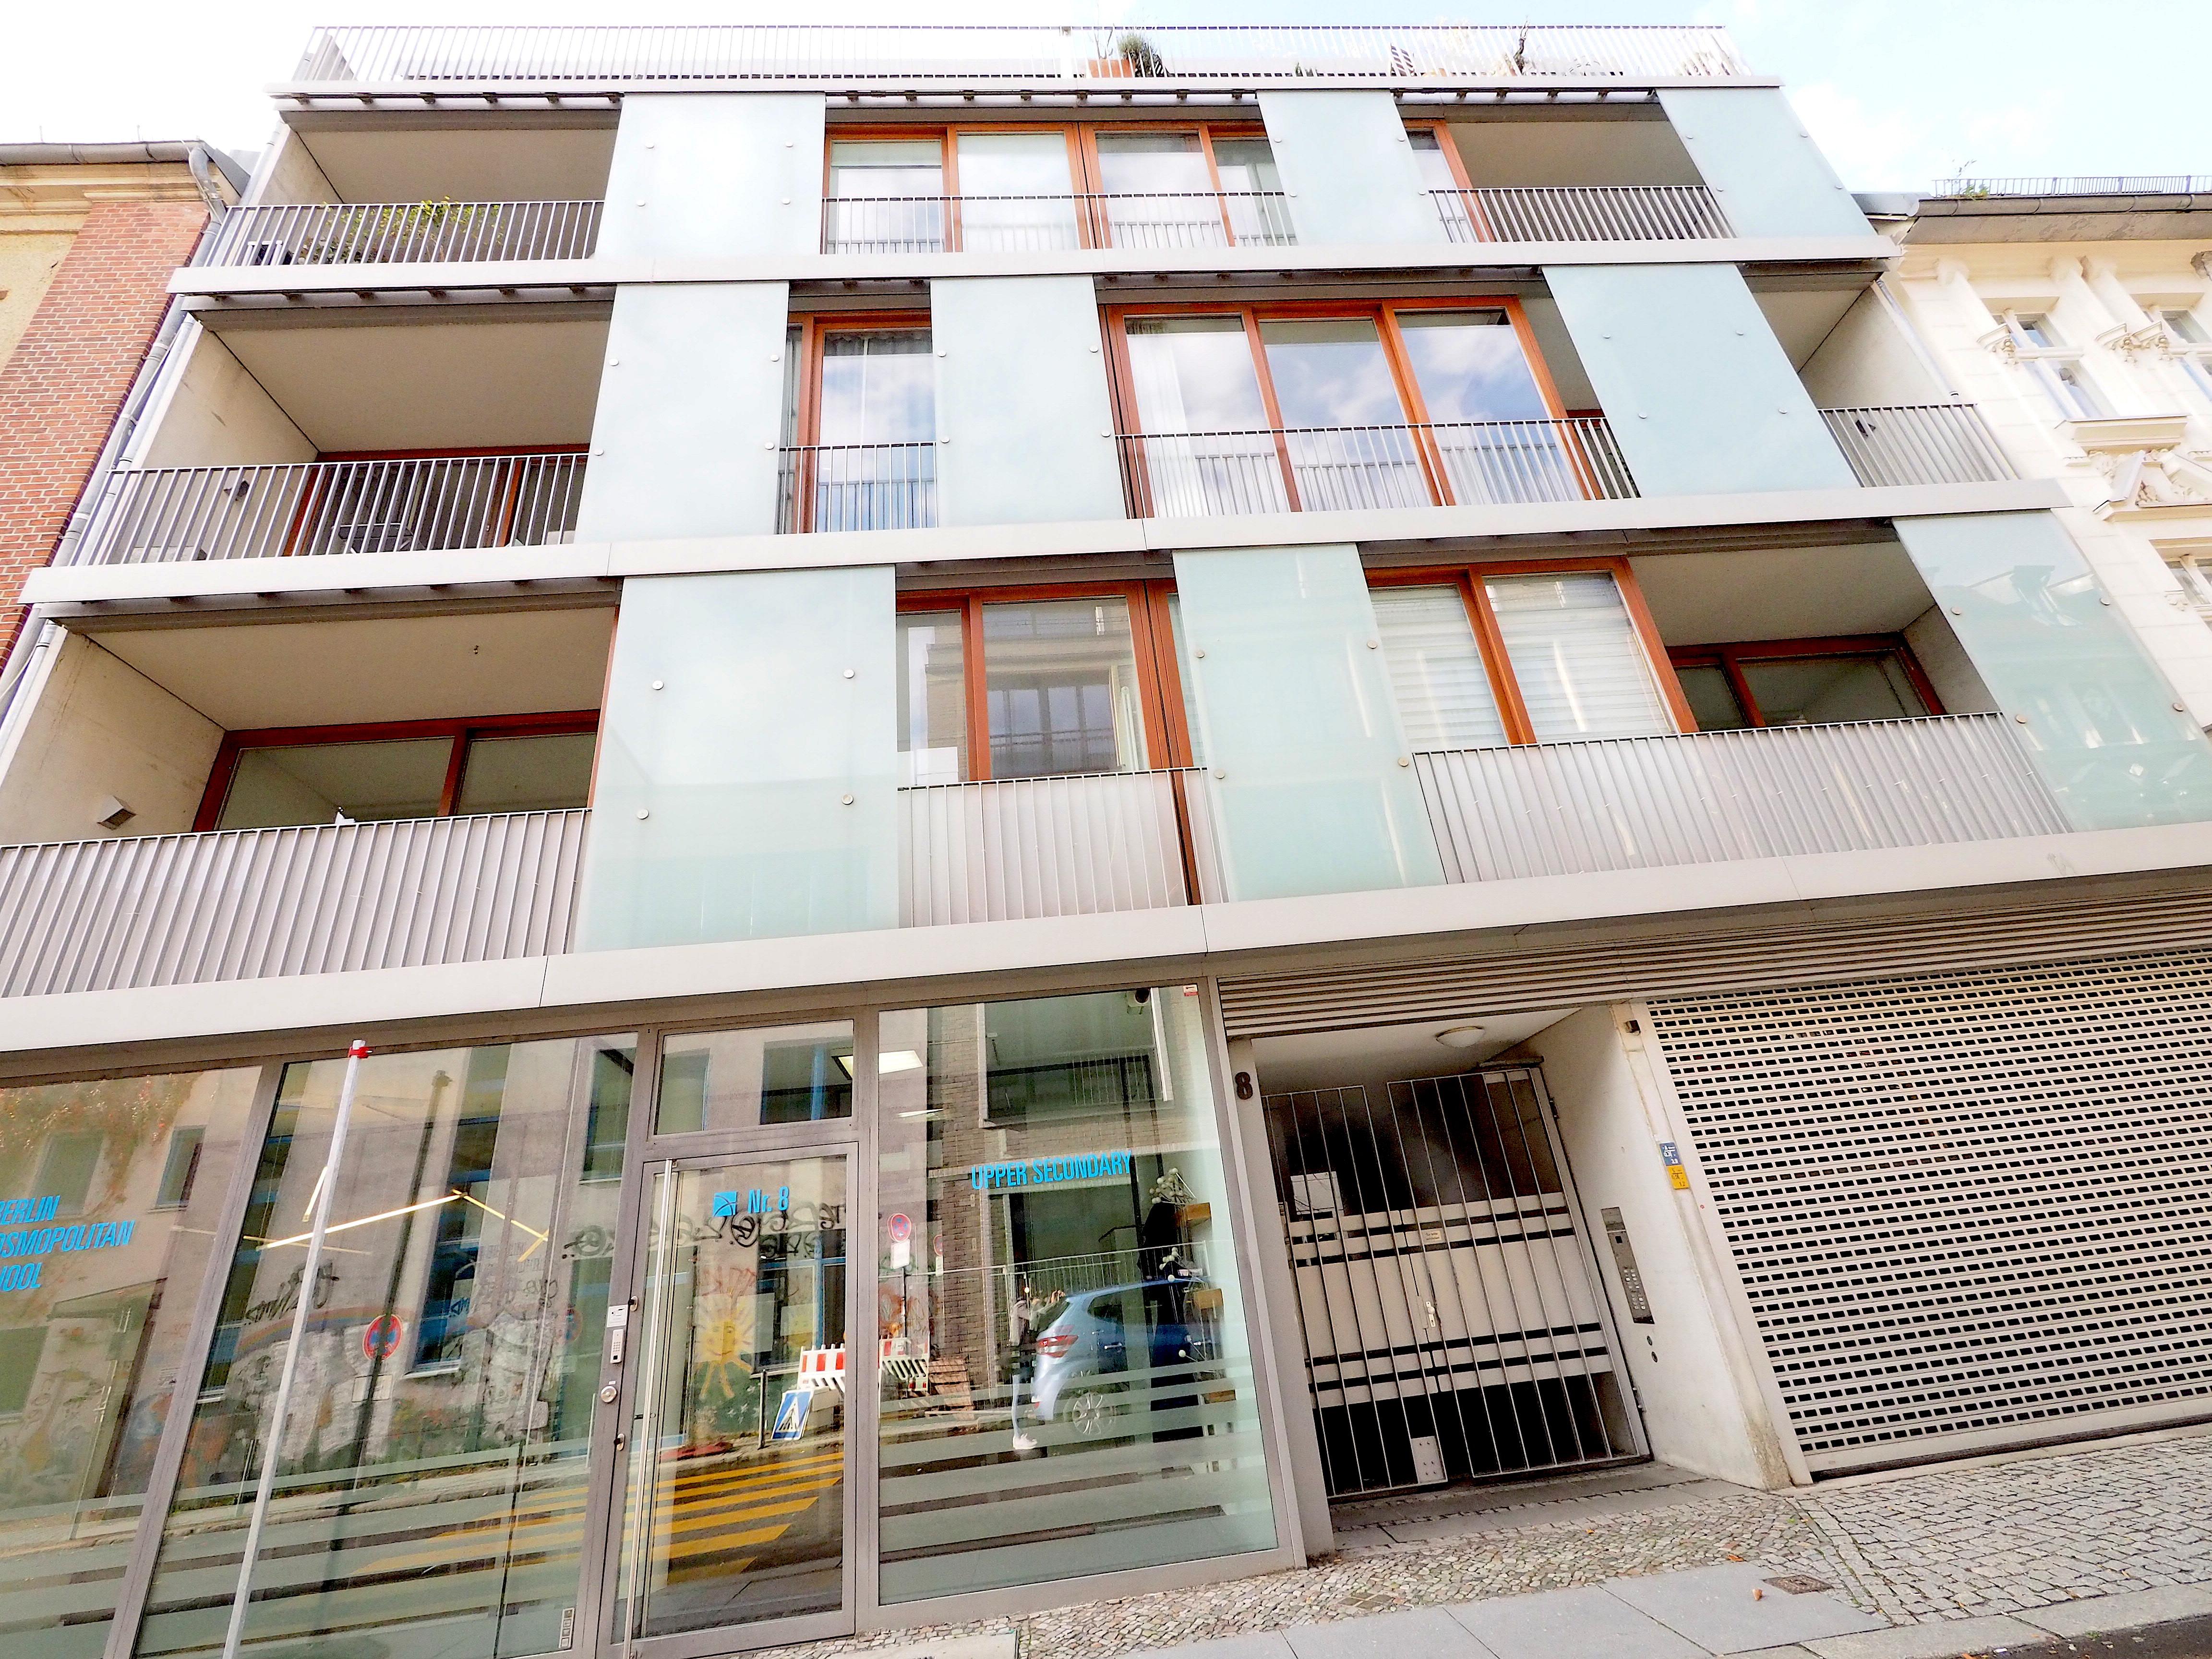 2018 Maisonette, Berlin-Mitte, Preis 680.000 Euro